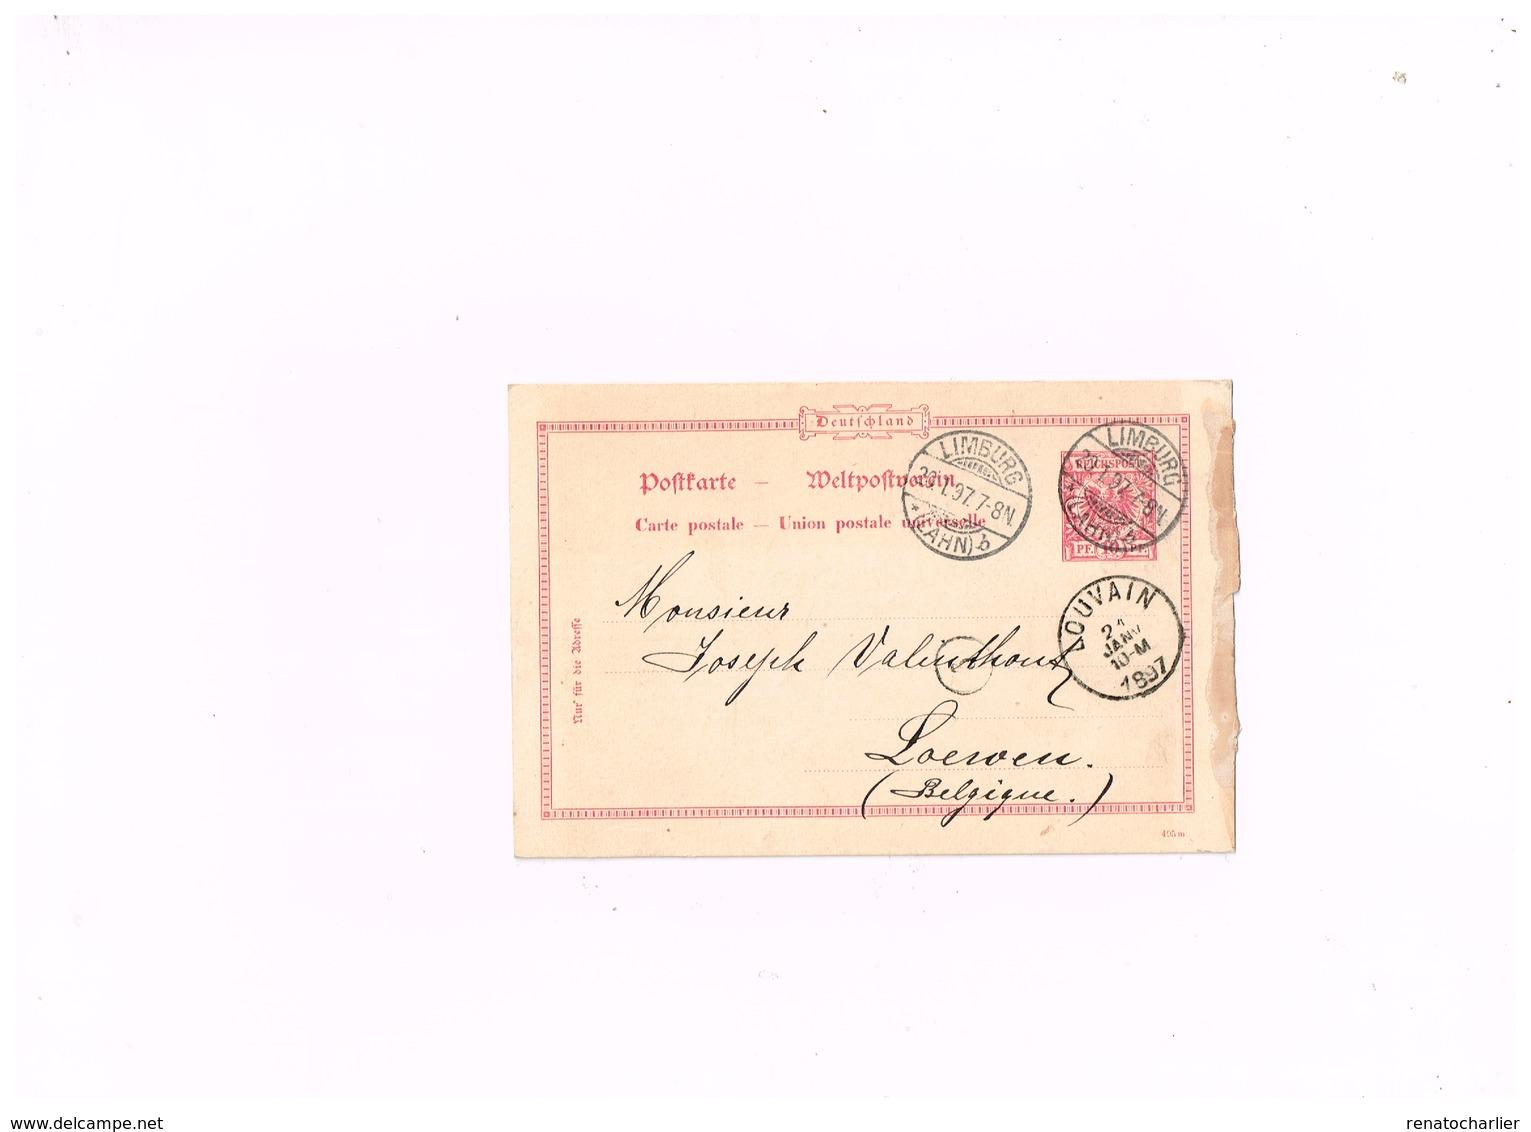 Entier Postal à 10 Pfennig.Expédié De Limburg (Lahn) à Louvain (Belgique) - Deutschland